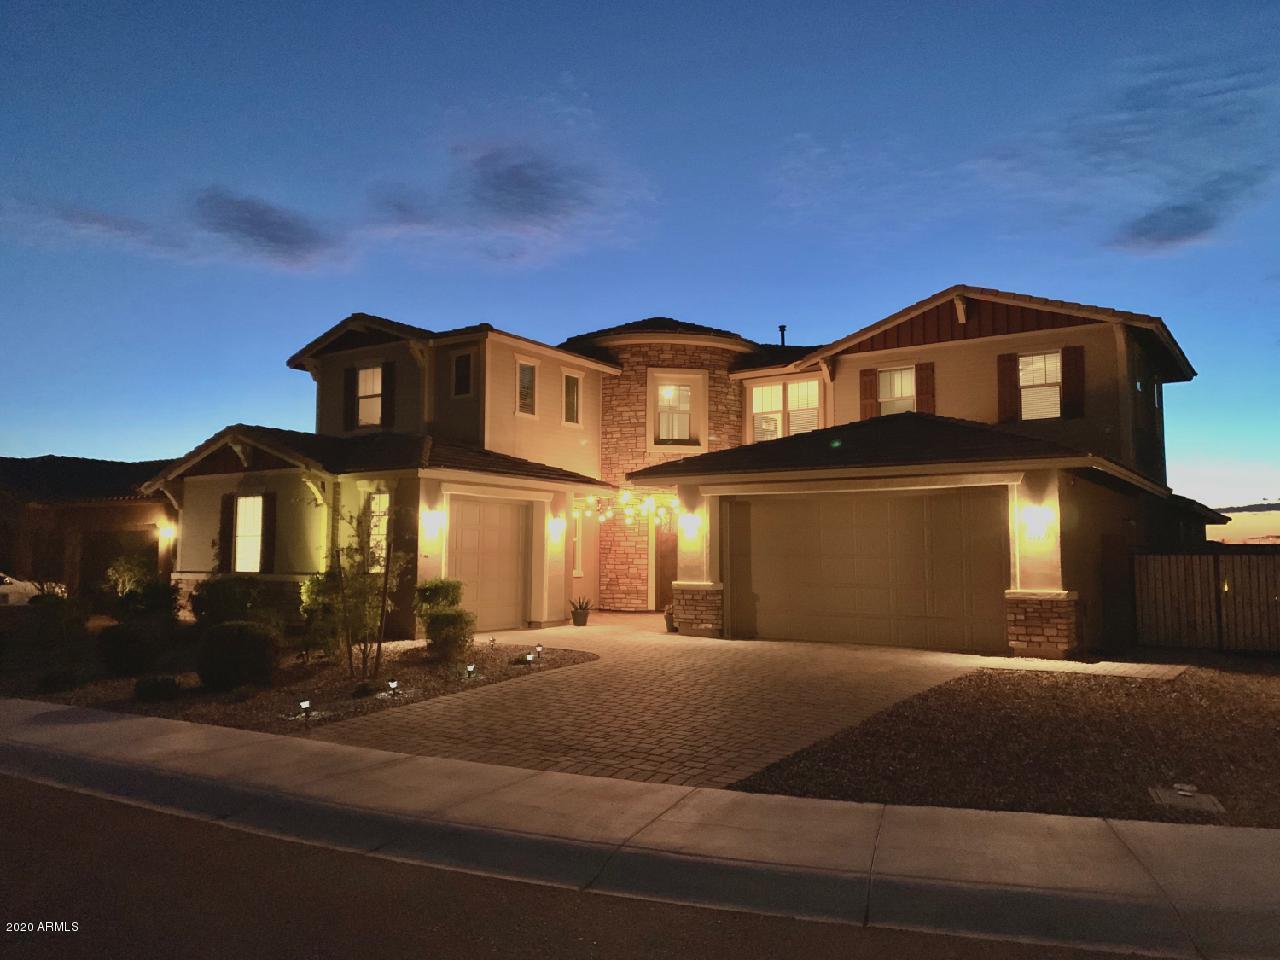 MLS 6046313 27930 N 93RD Lane, Peoria, AZ 85383 Peoria AZ Gated